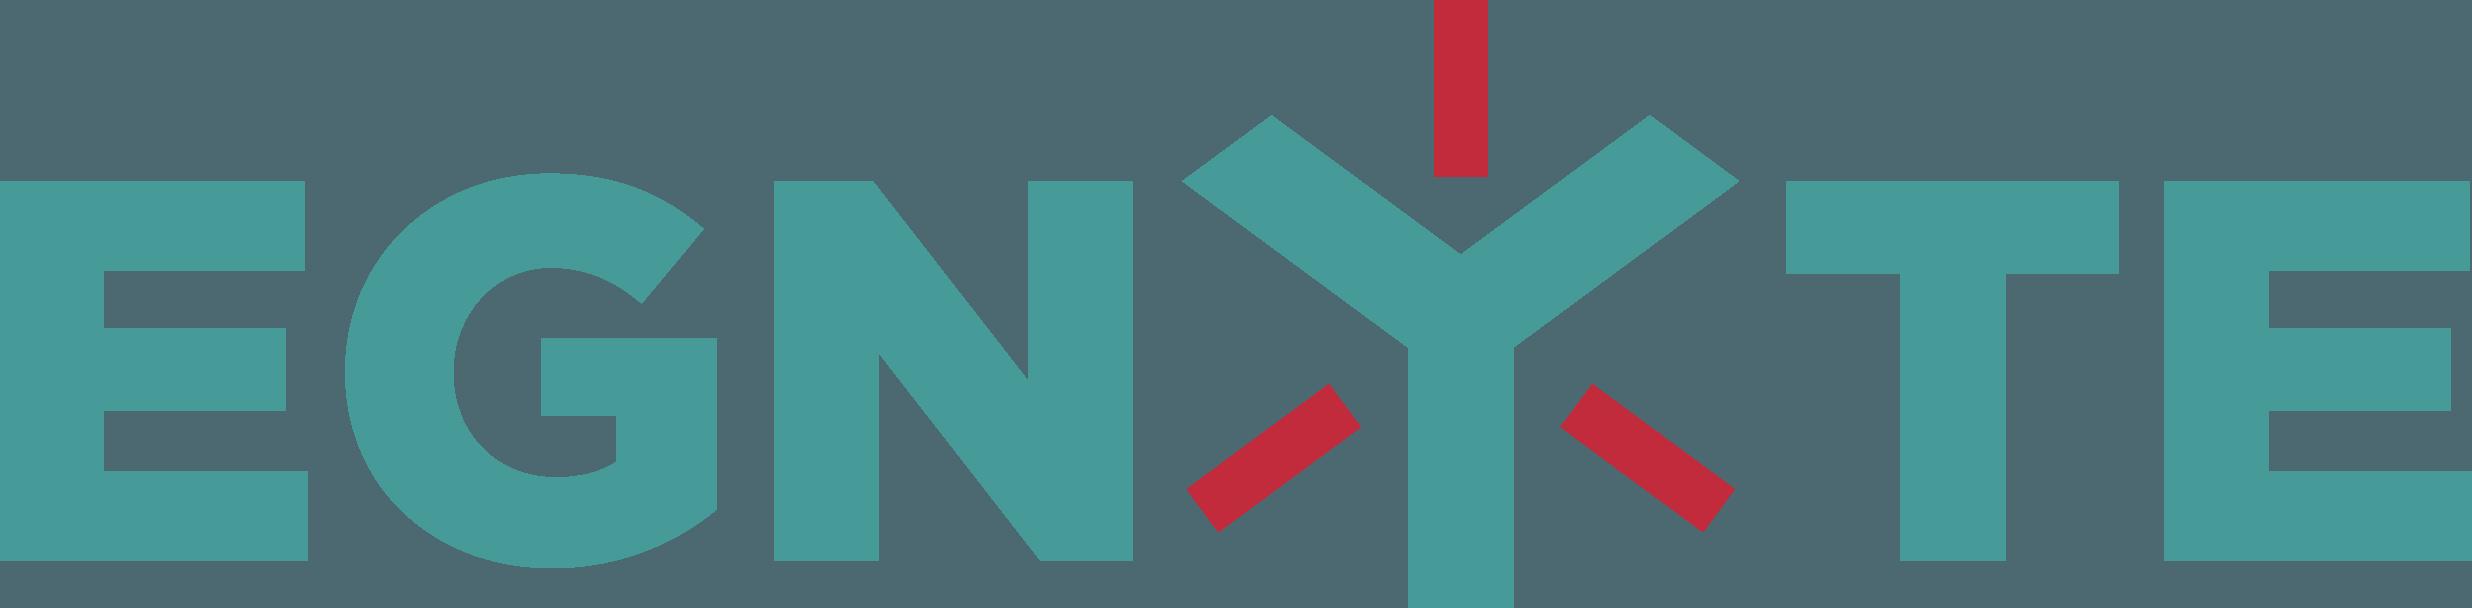 Egnyte Secure Enterprise Content Platform